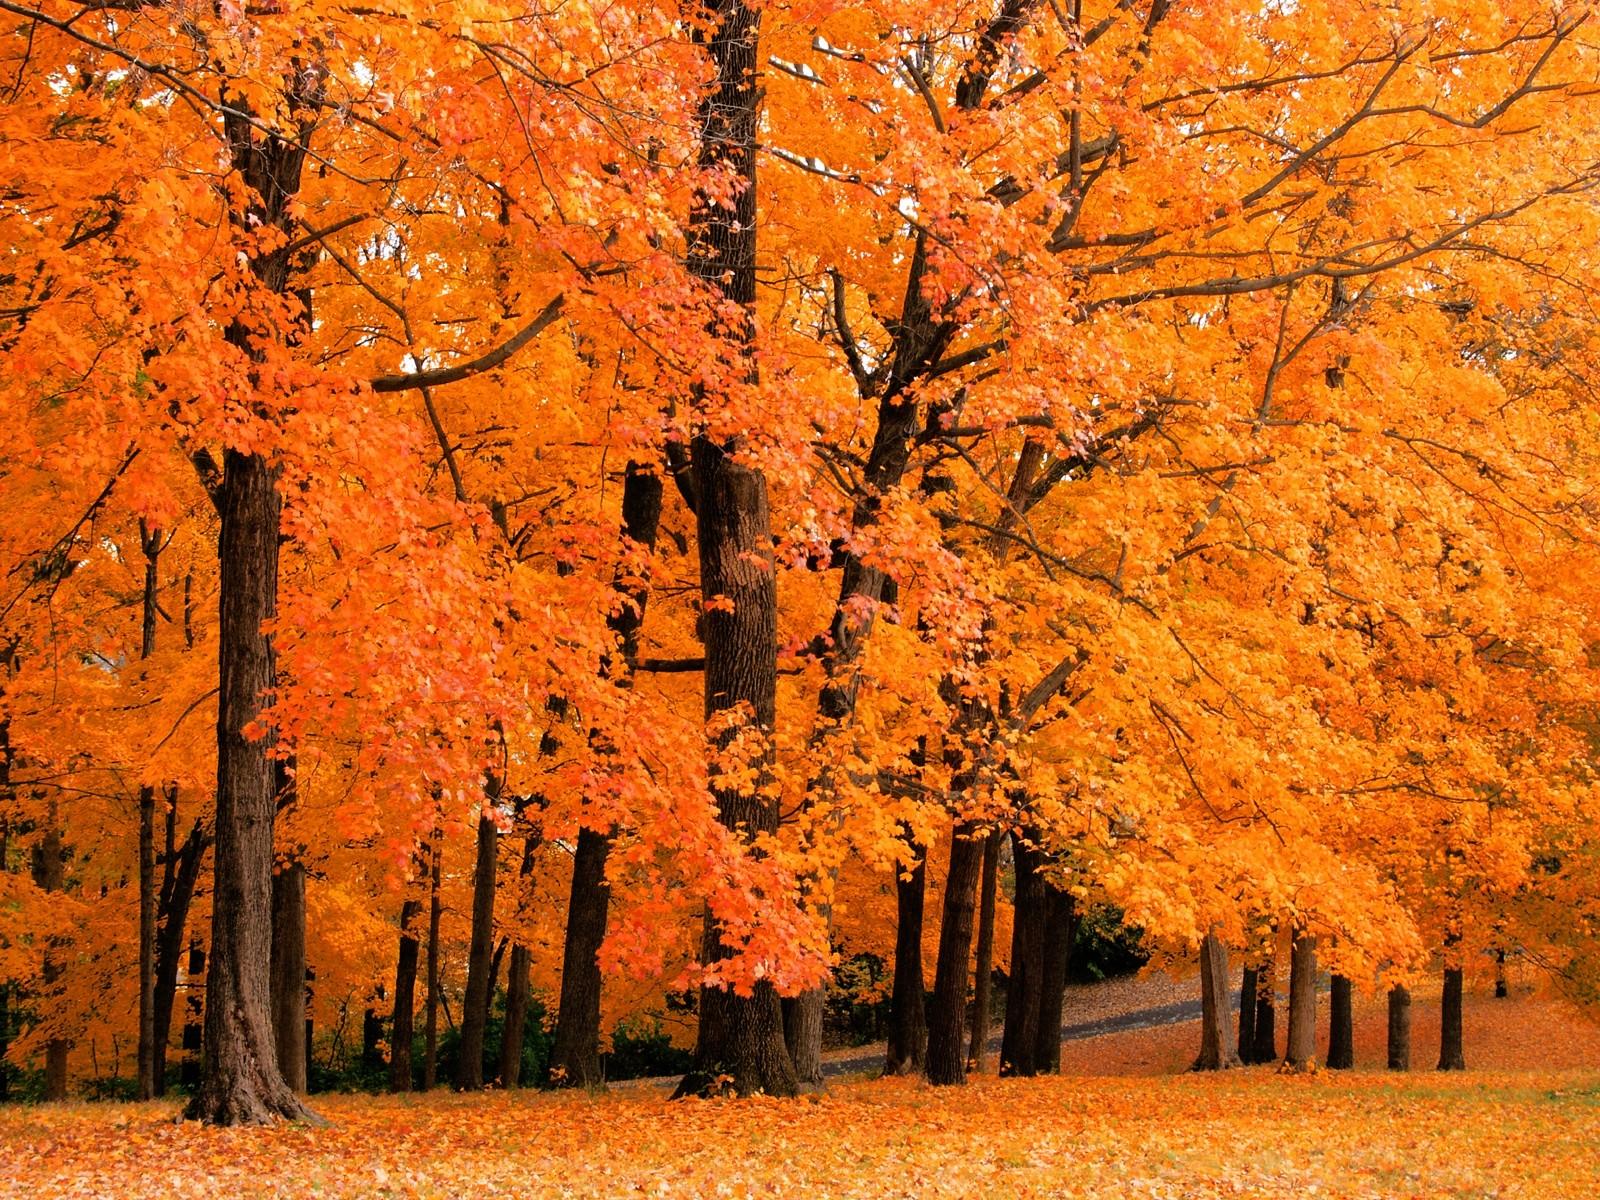 оранжевые осенний листья, листопад, осень, обои для рабочего стола